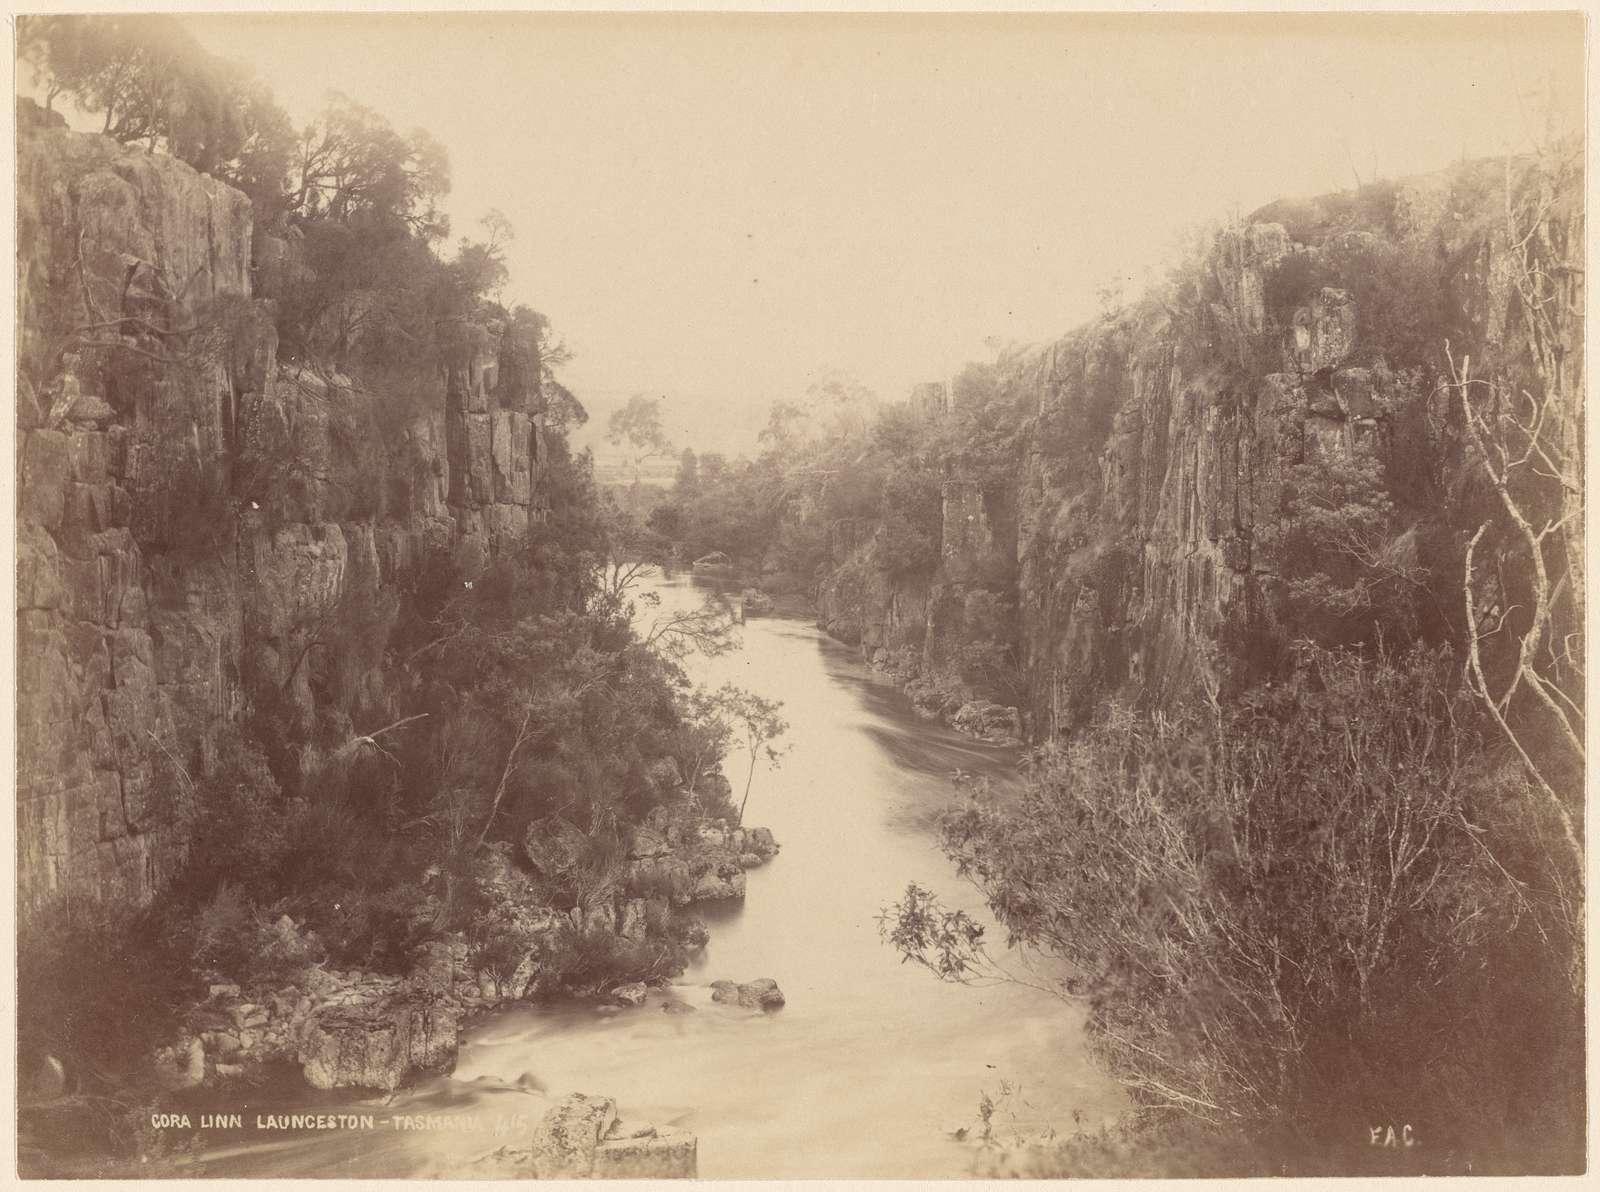 Cora Linn. Launceston, Tasmania